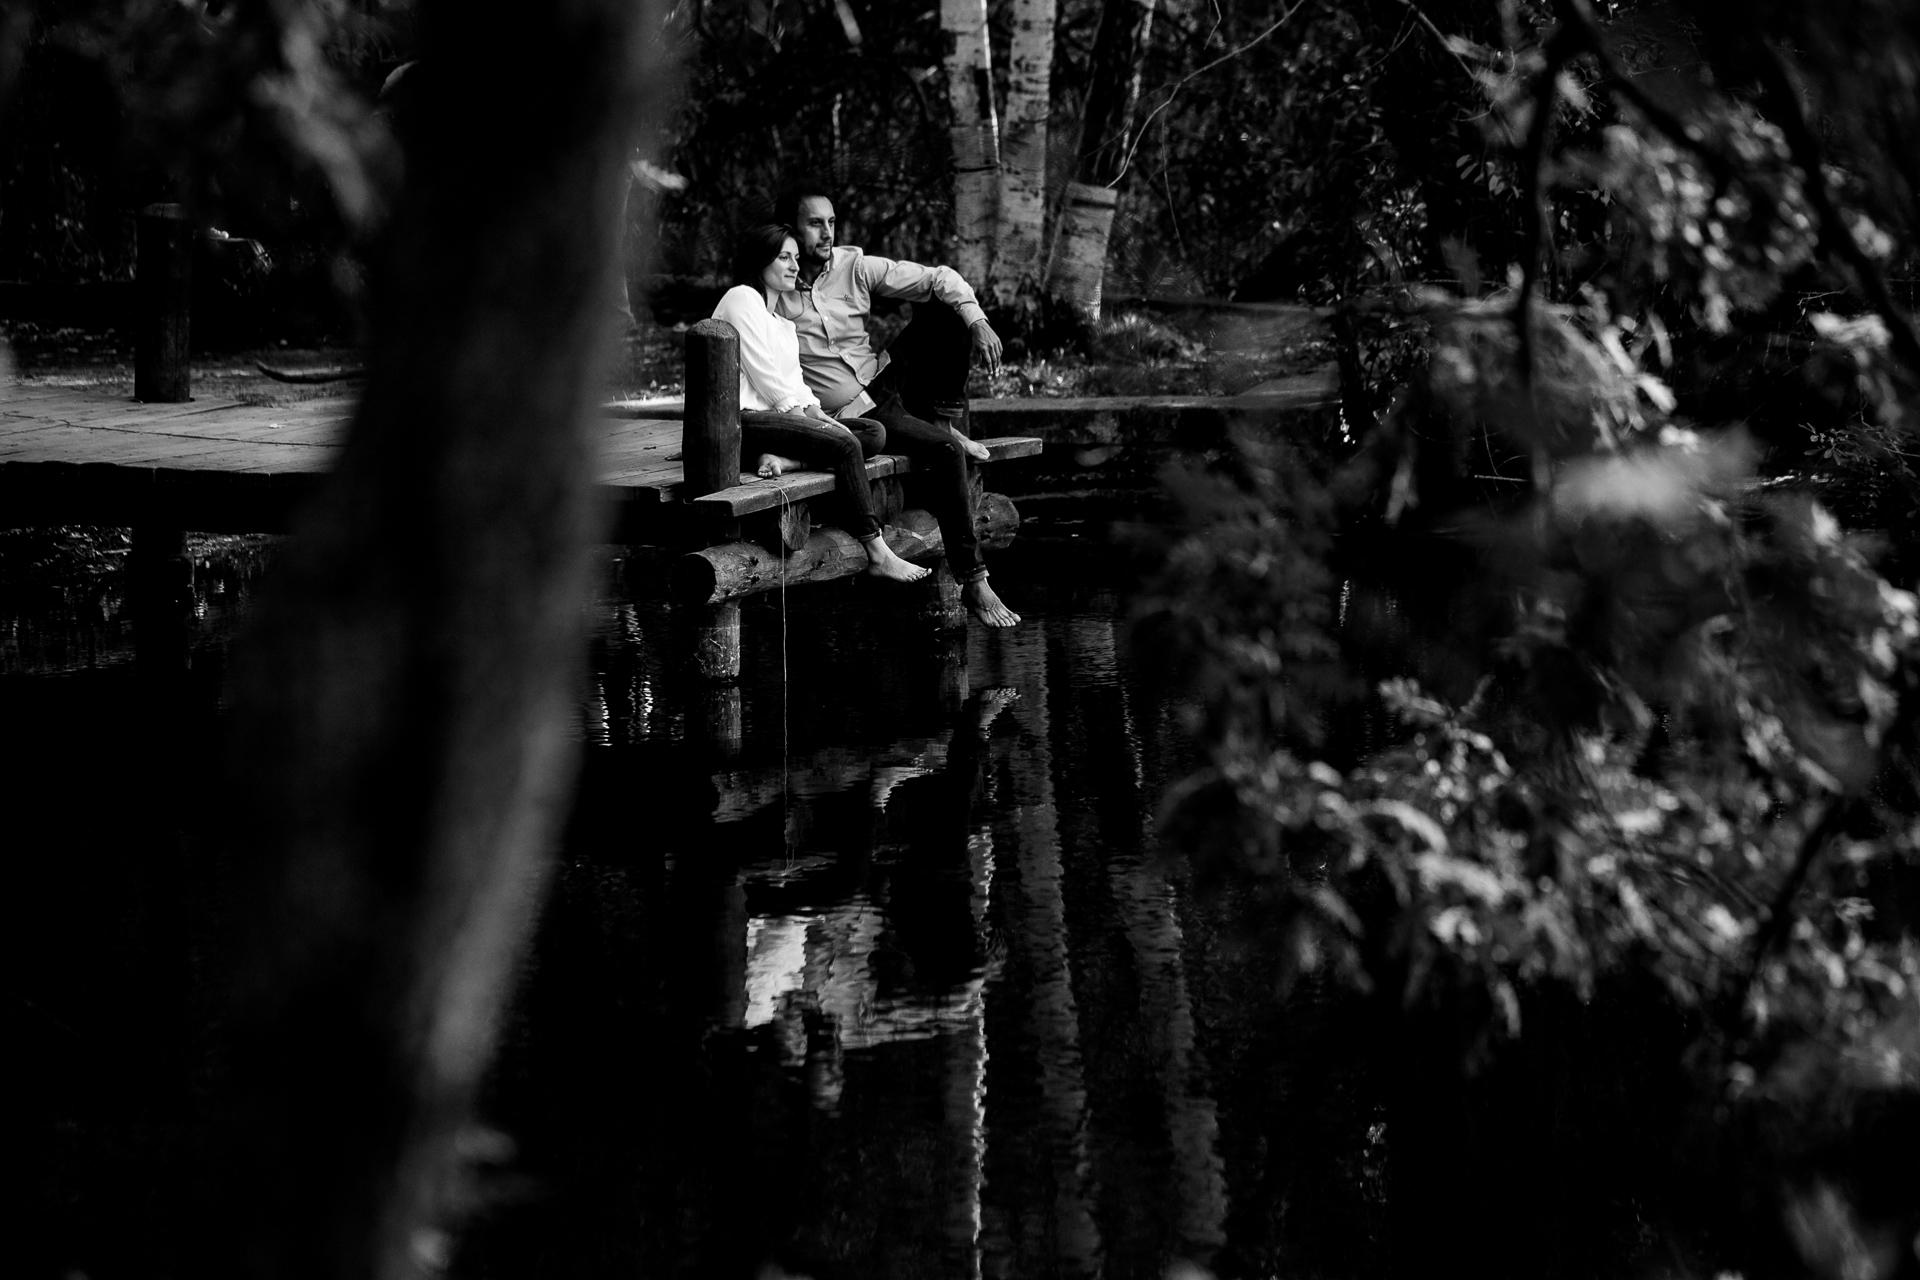 preboda en el bosque finlandes de rascafria